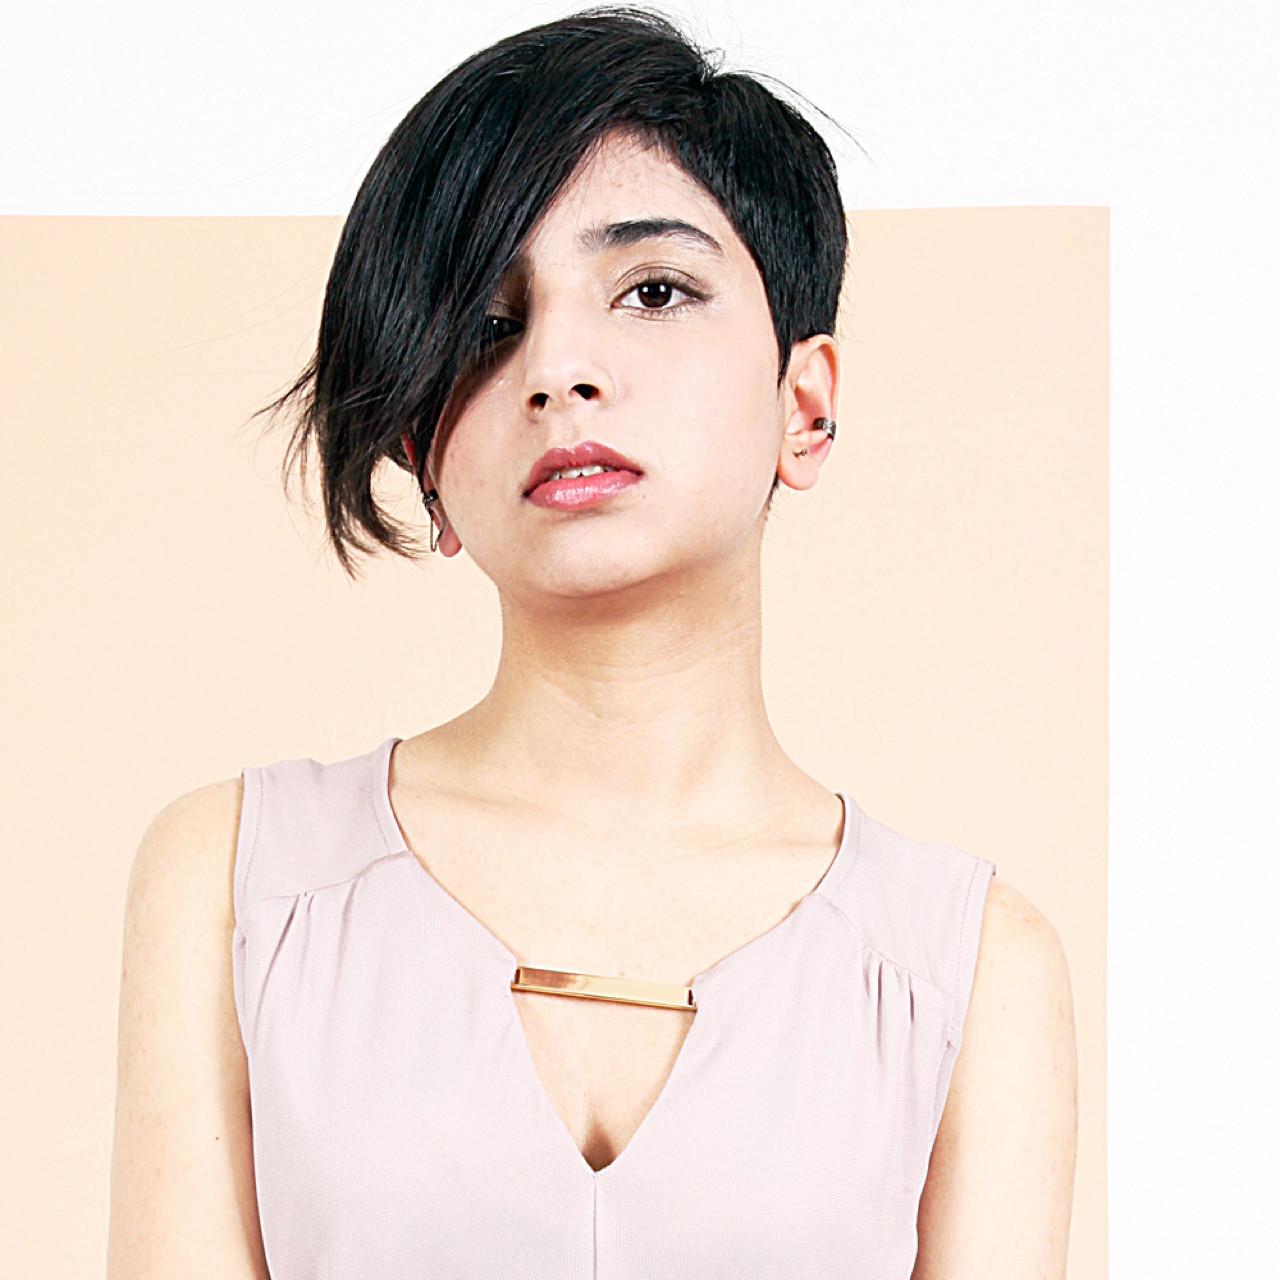 黒髪 モード ショート 小顔 ヘアスタイルや髪型の写真・画像 | 永島 稔久 / Salon ryu